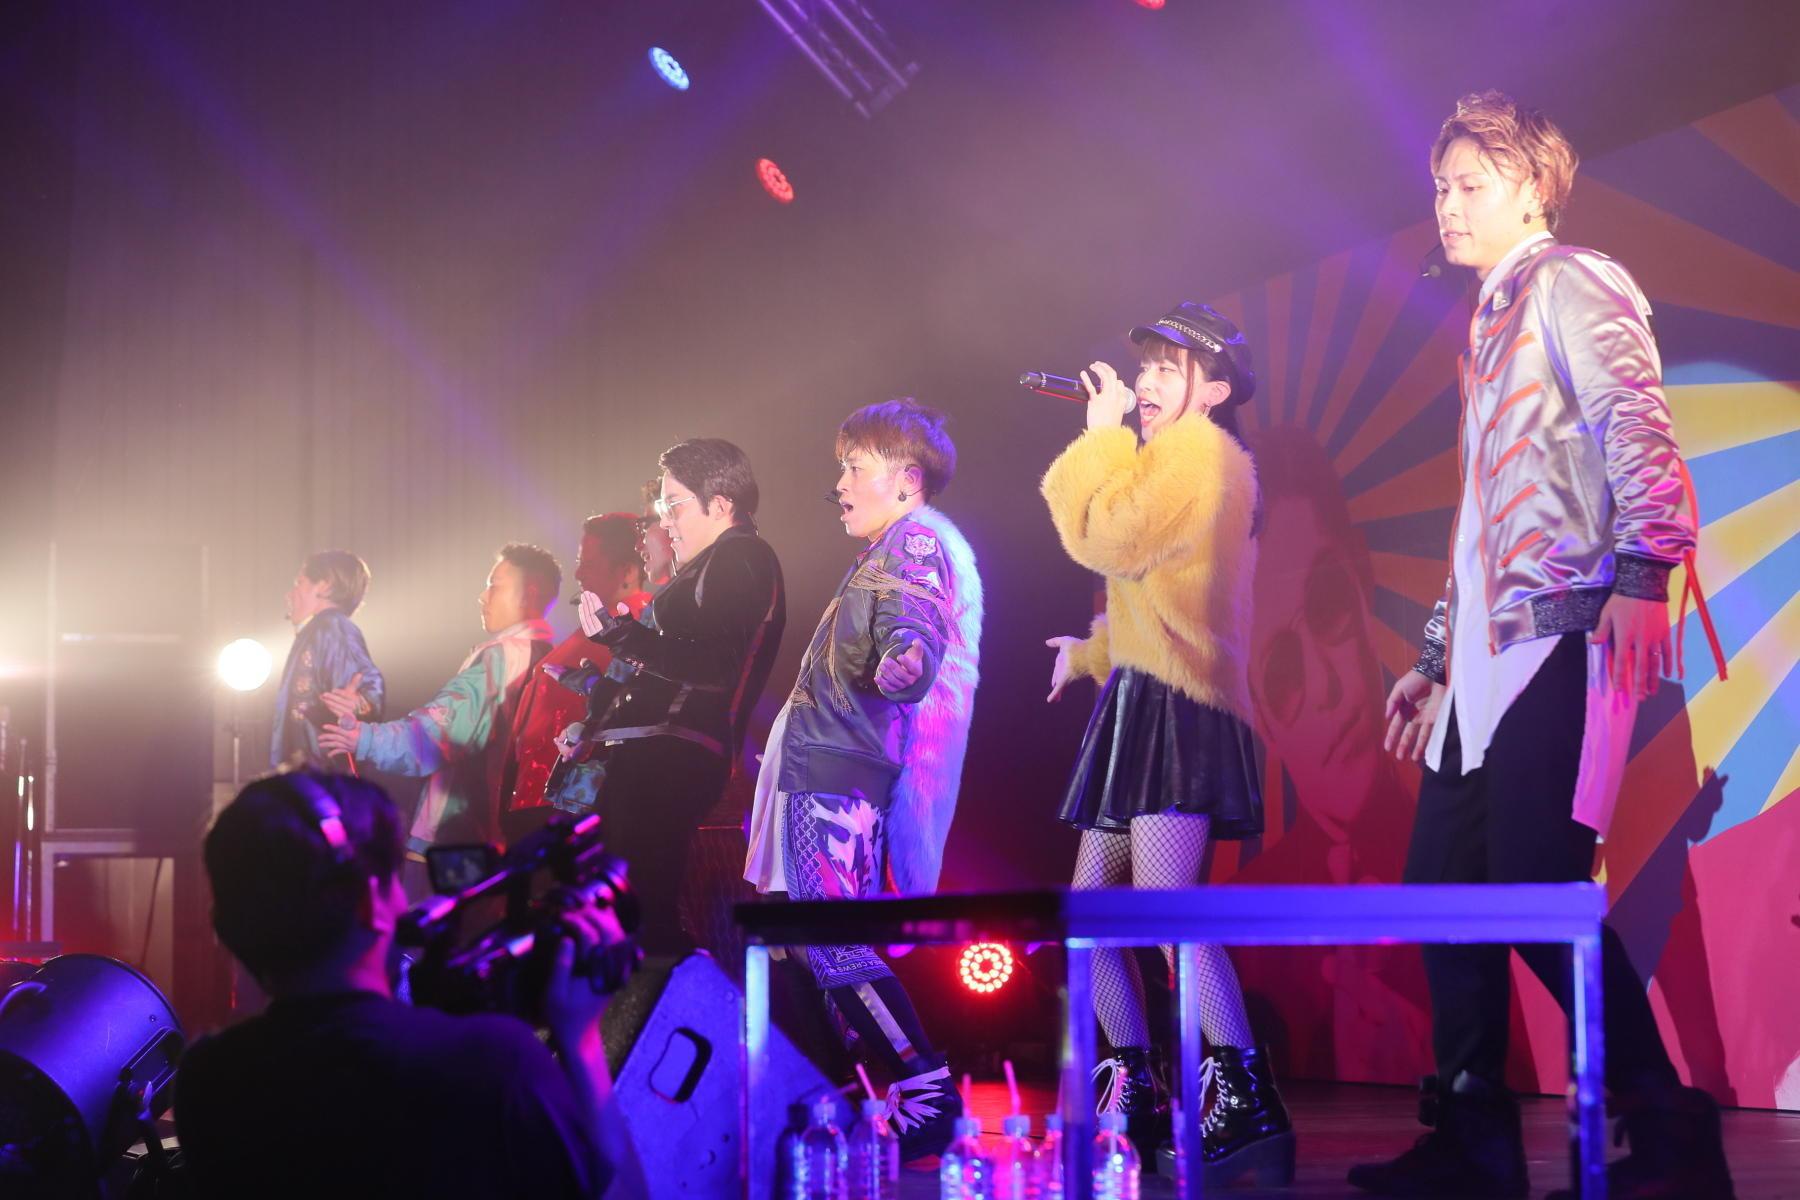 http://news.yoshimoto.co.jp/20171231025704-04c652a94b3e24ff8264b373bdfd4cc48f509500.jpg